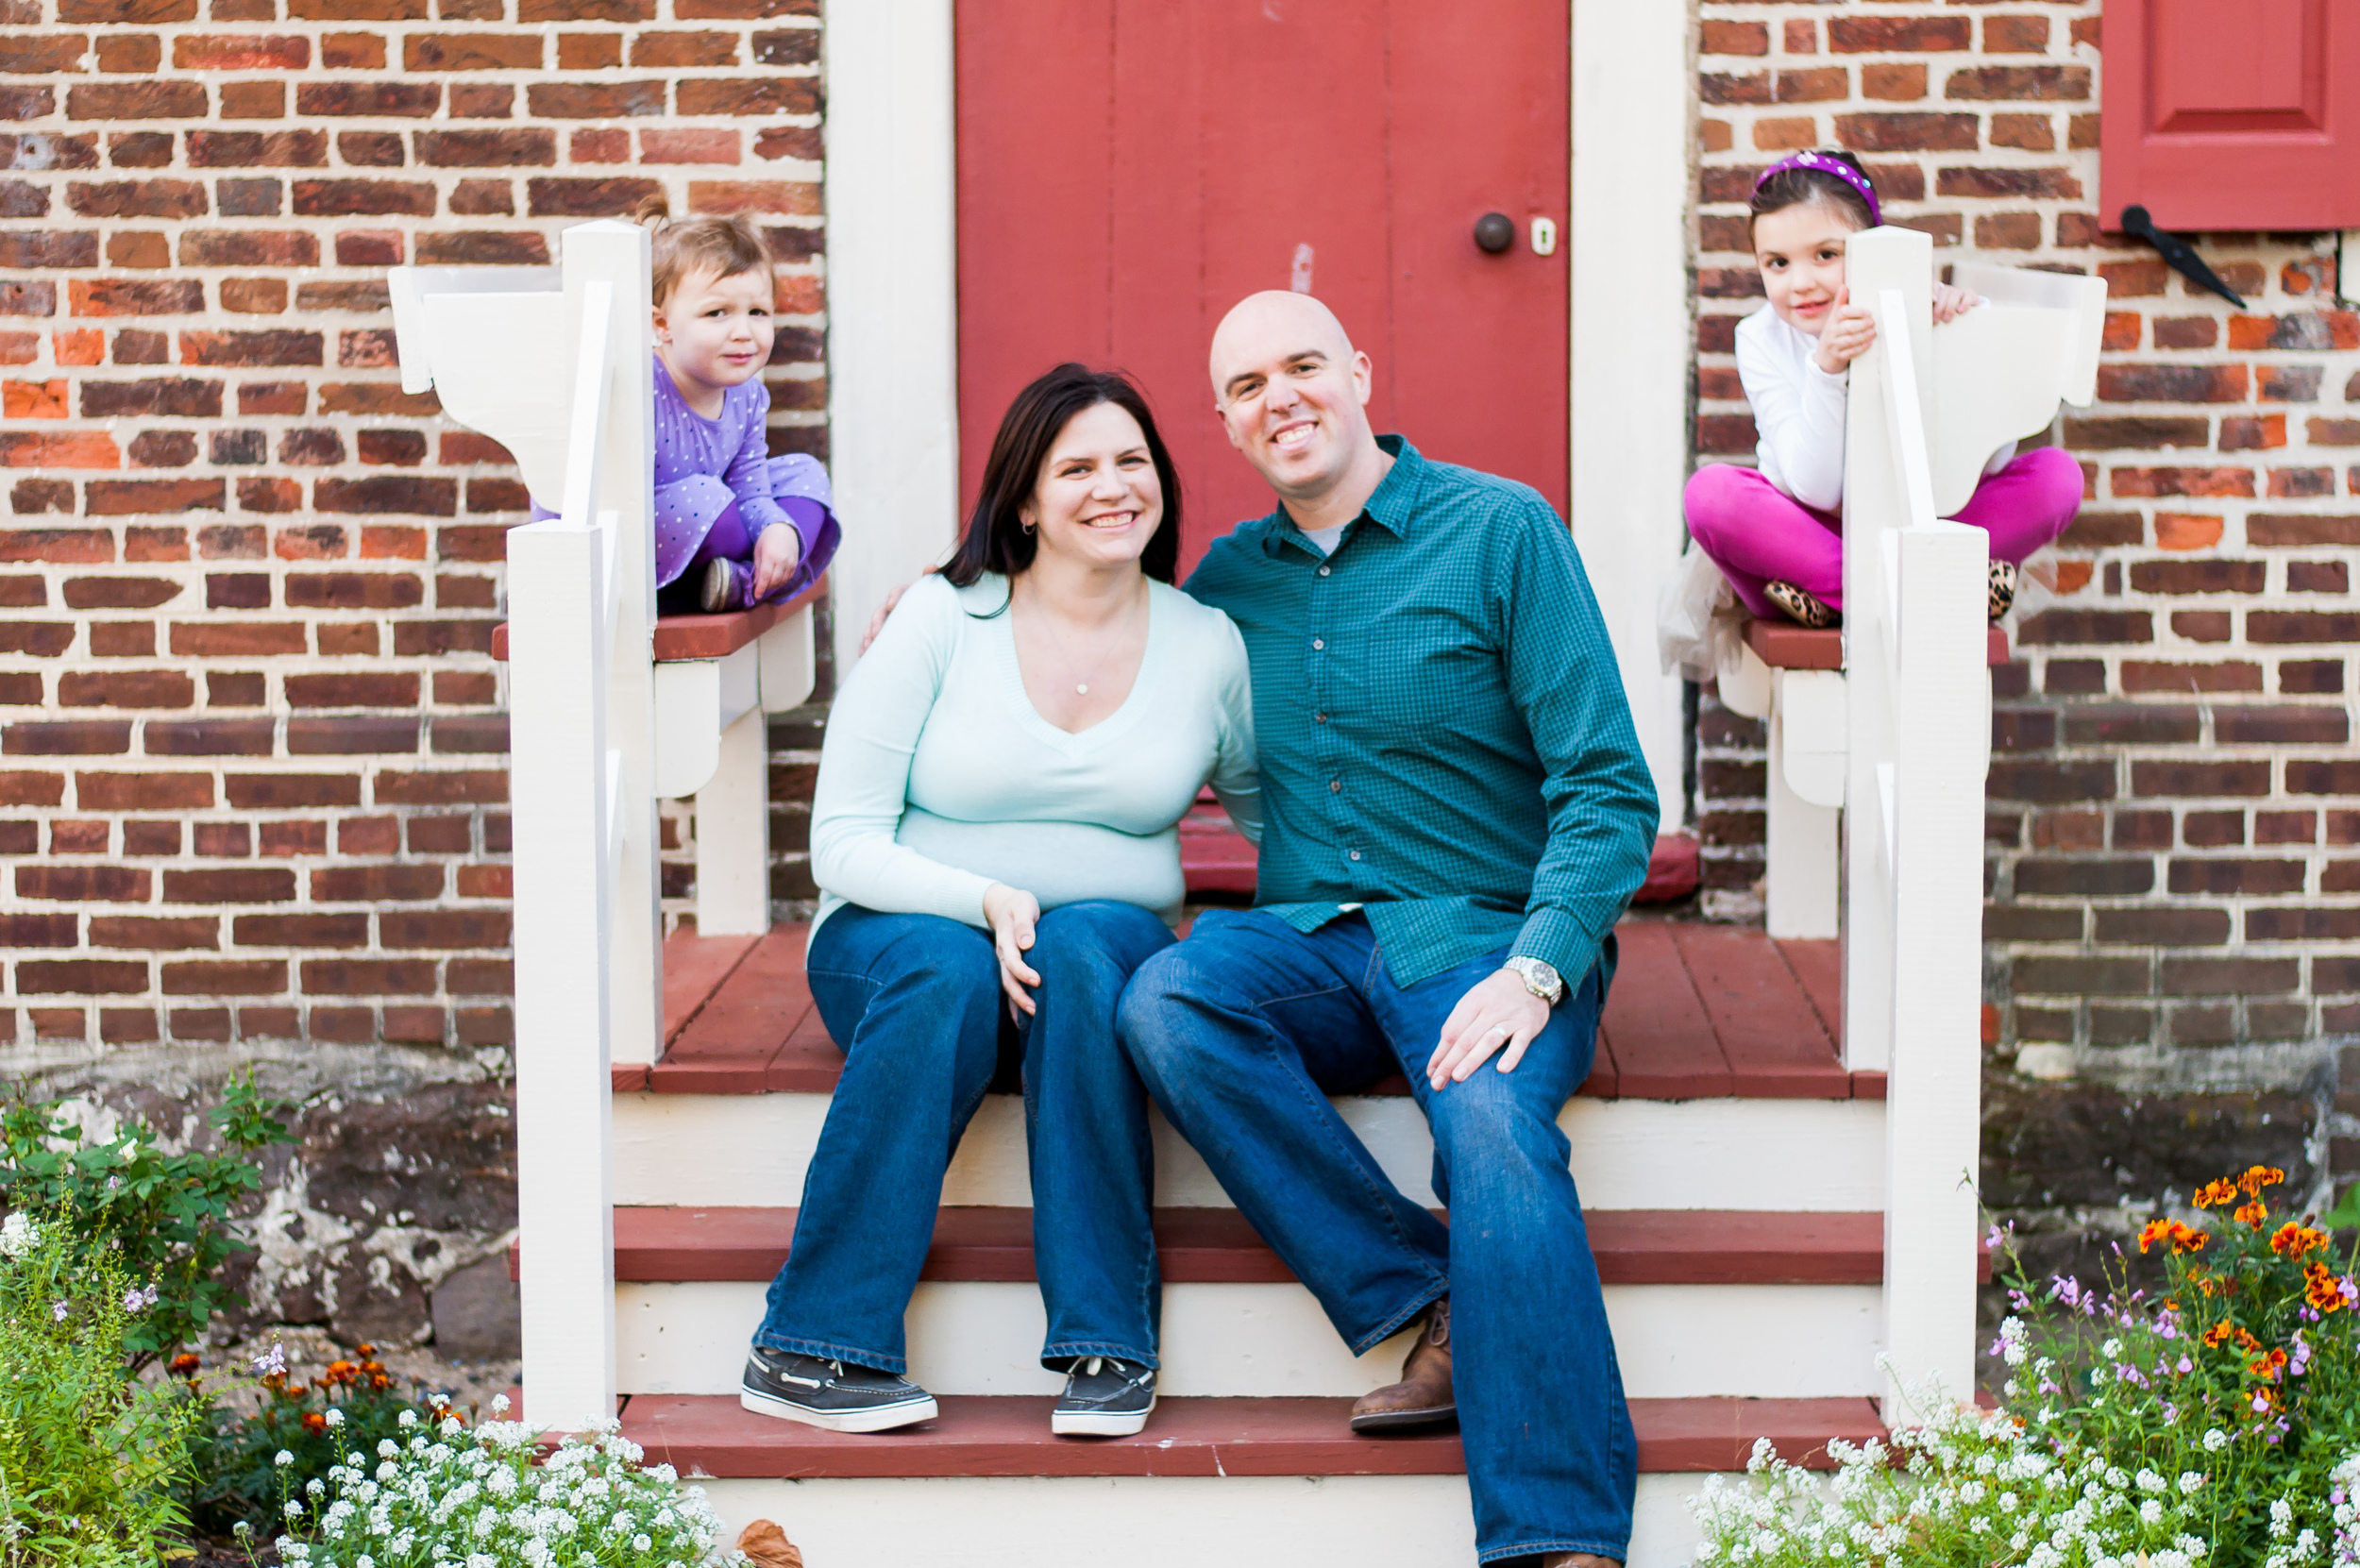 141112 - Kenney Family (21 of 22).jpg